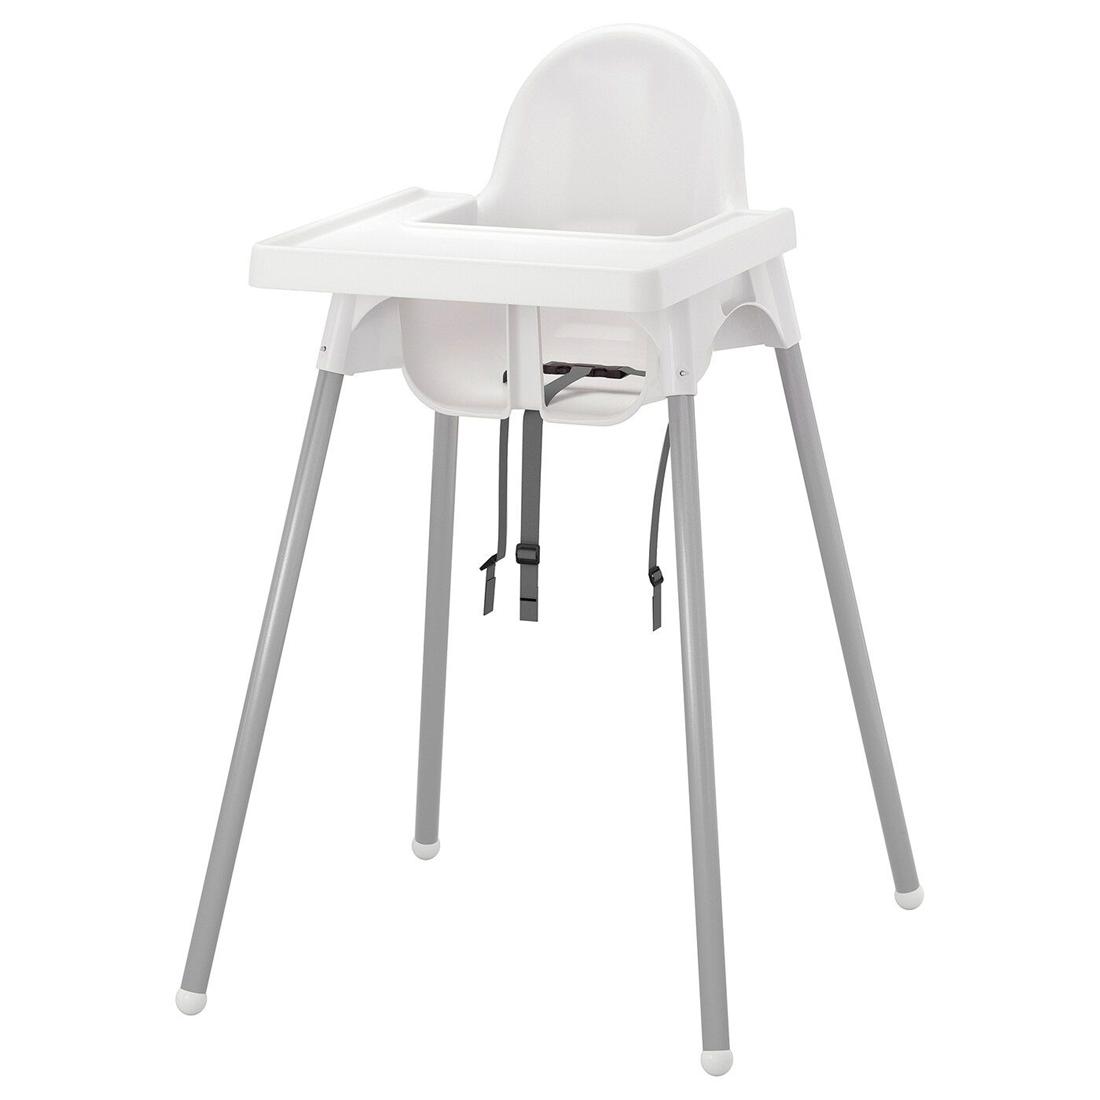 Высокий стульчик со столешн, белый серебристый, серебристый АНТИЛОП [992.193.68] 992.193.68